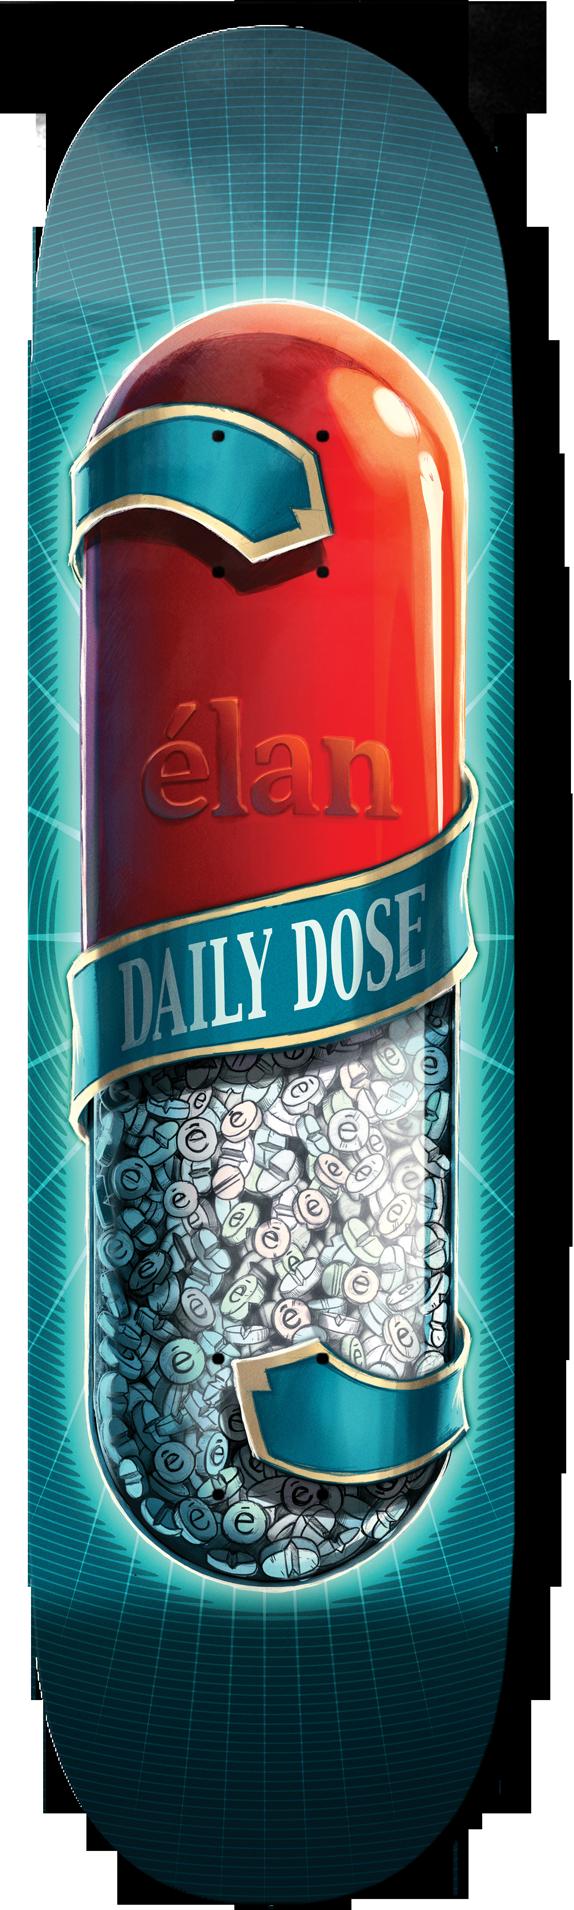 Élan Daily Dose - Vice Series